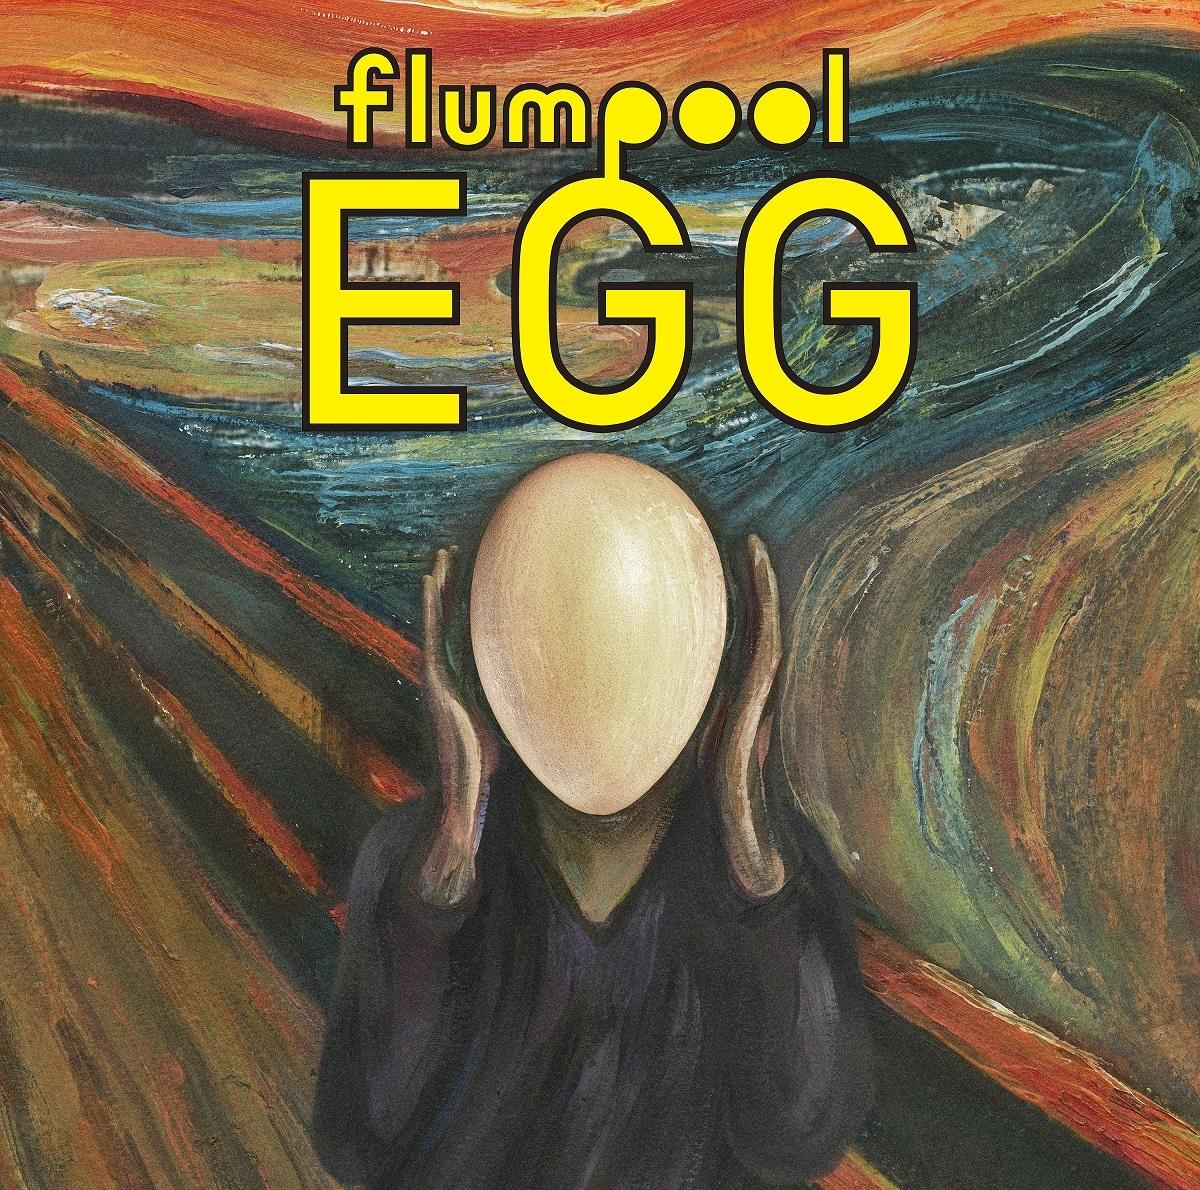 flumpool『EGG』